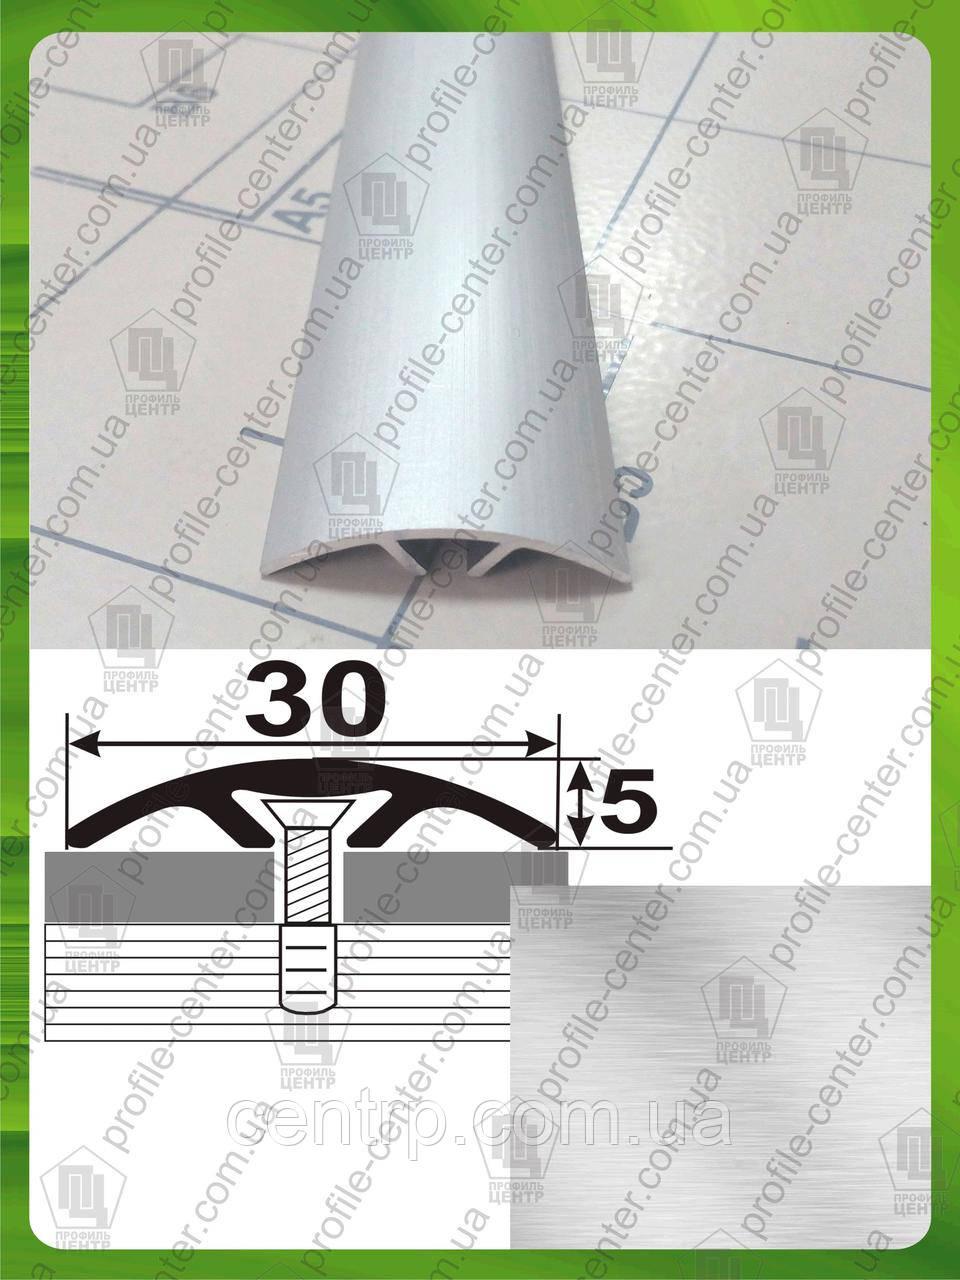 Порожек для пола скрытого монтажа АП 016 Без покрытия. Ширина 30 мм. Длина 2,7м.